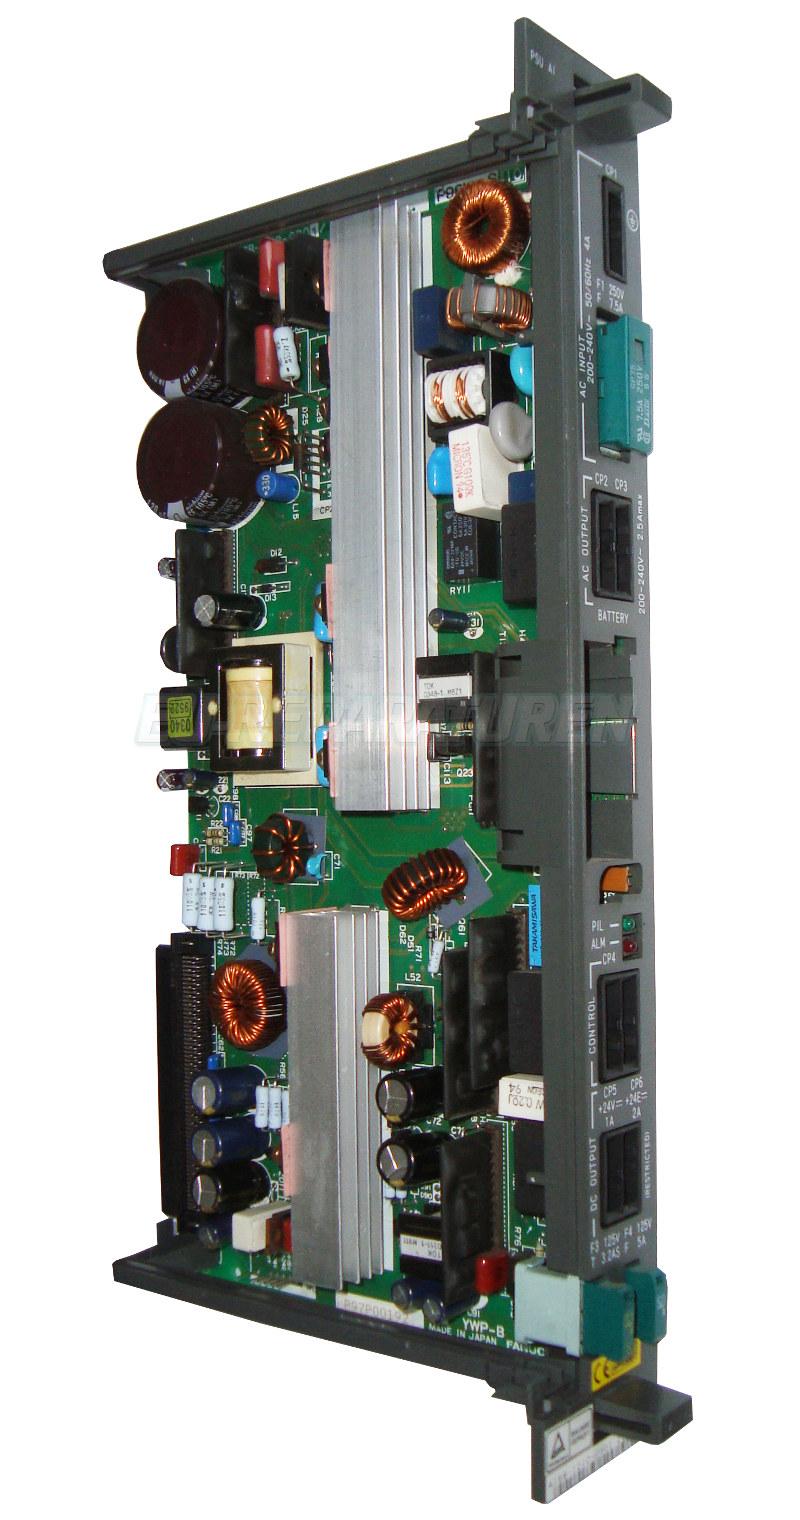 Weiter zum Artikel: FANUC A16B-1212-0901 POWER SUPPLY